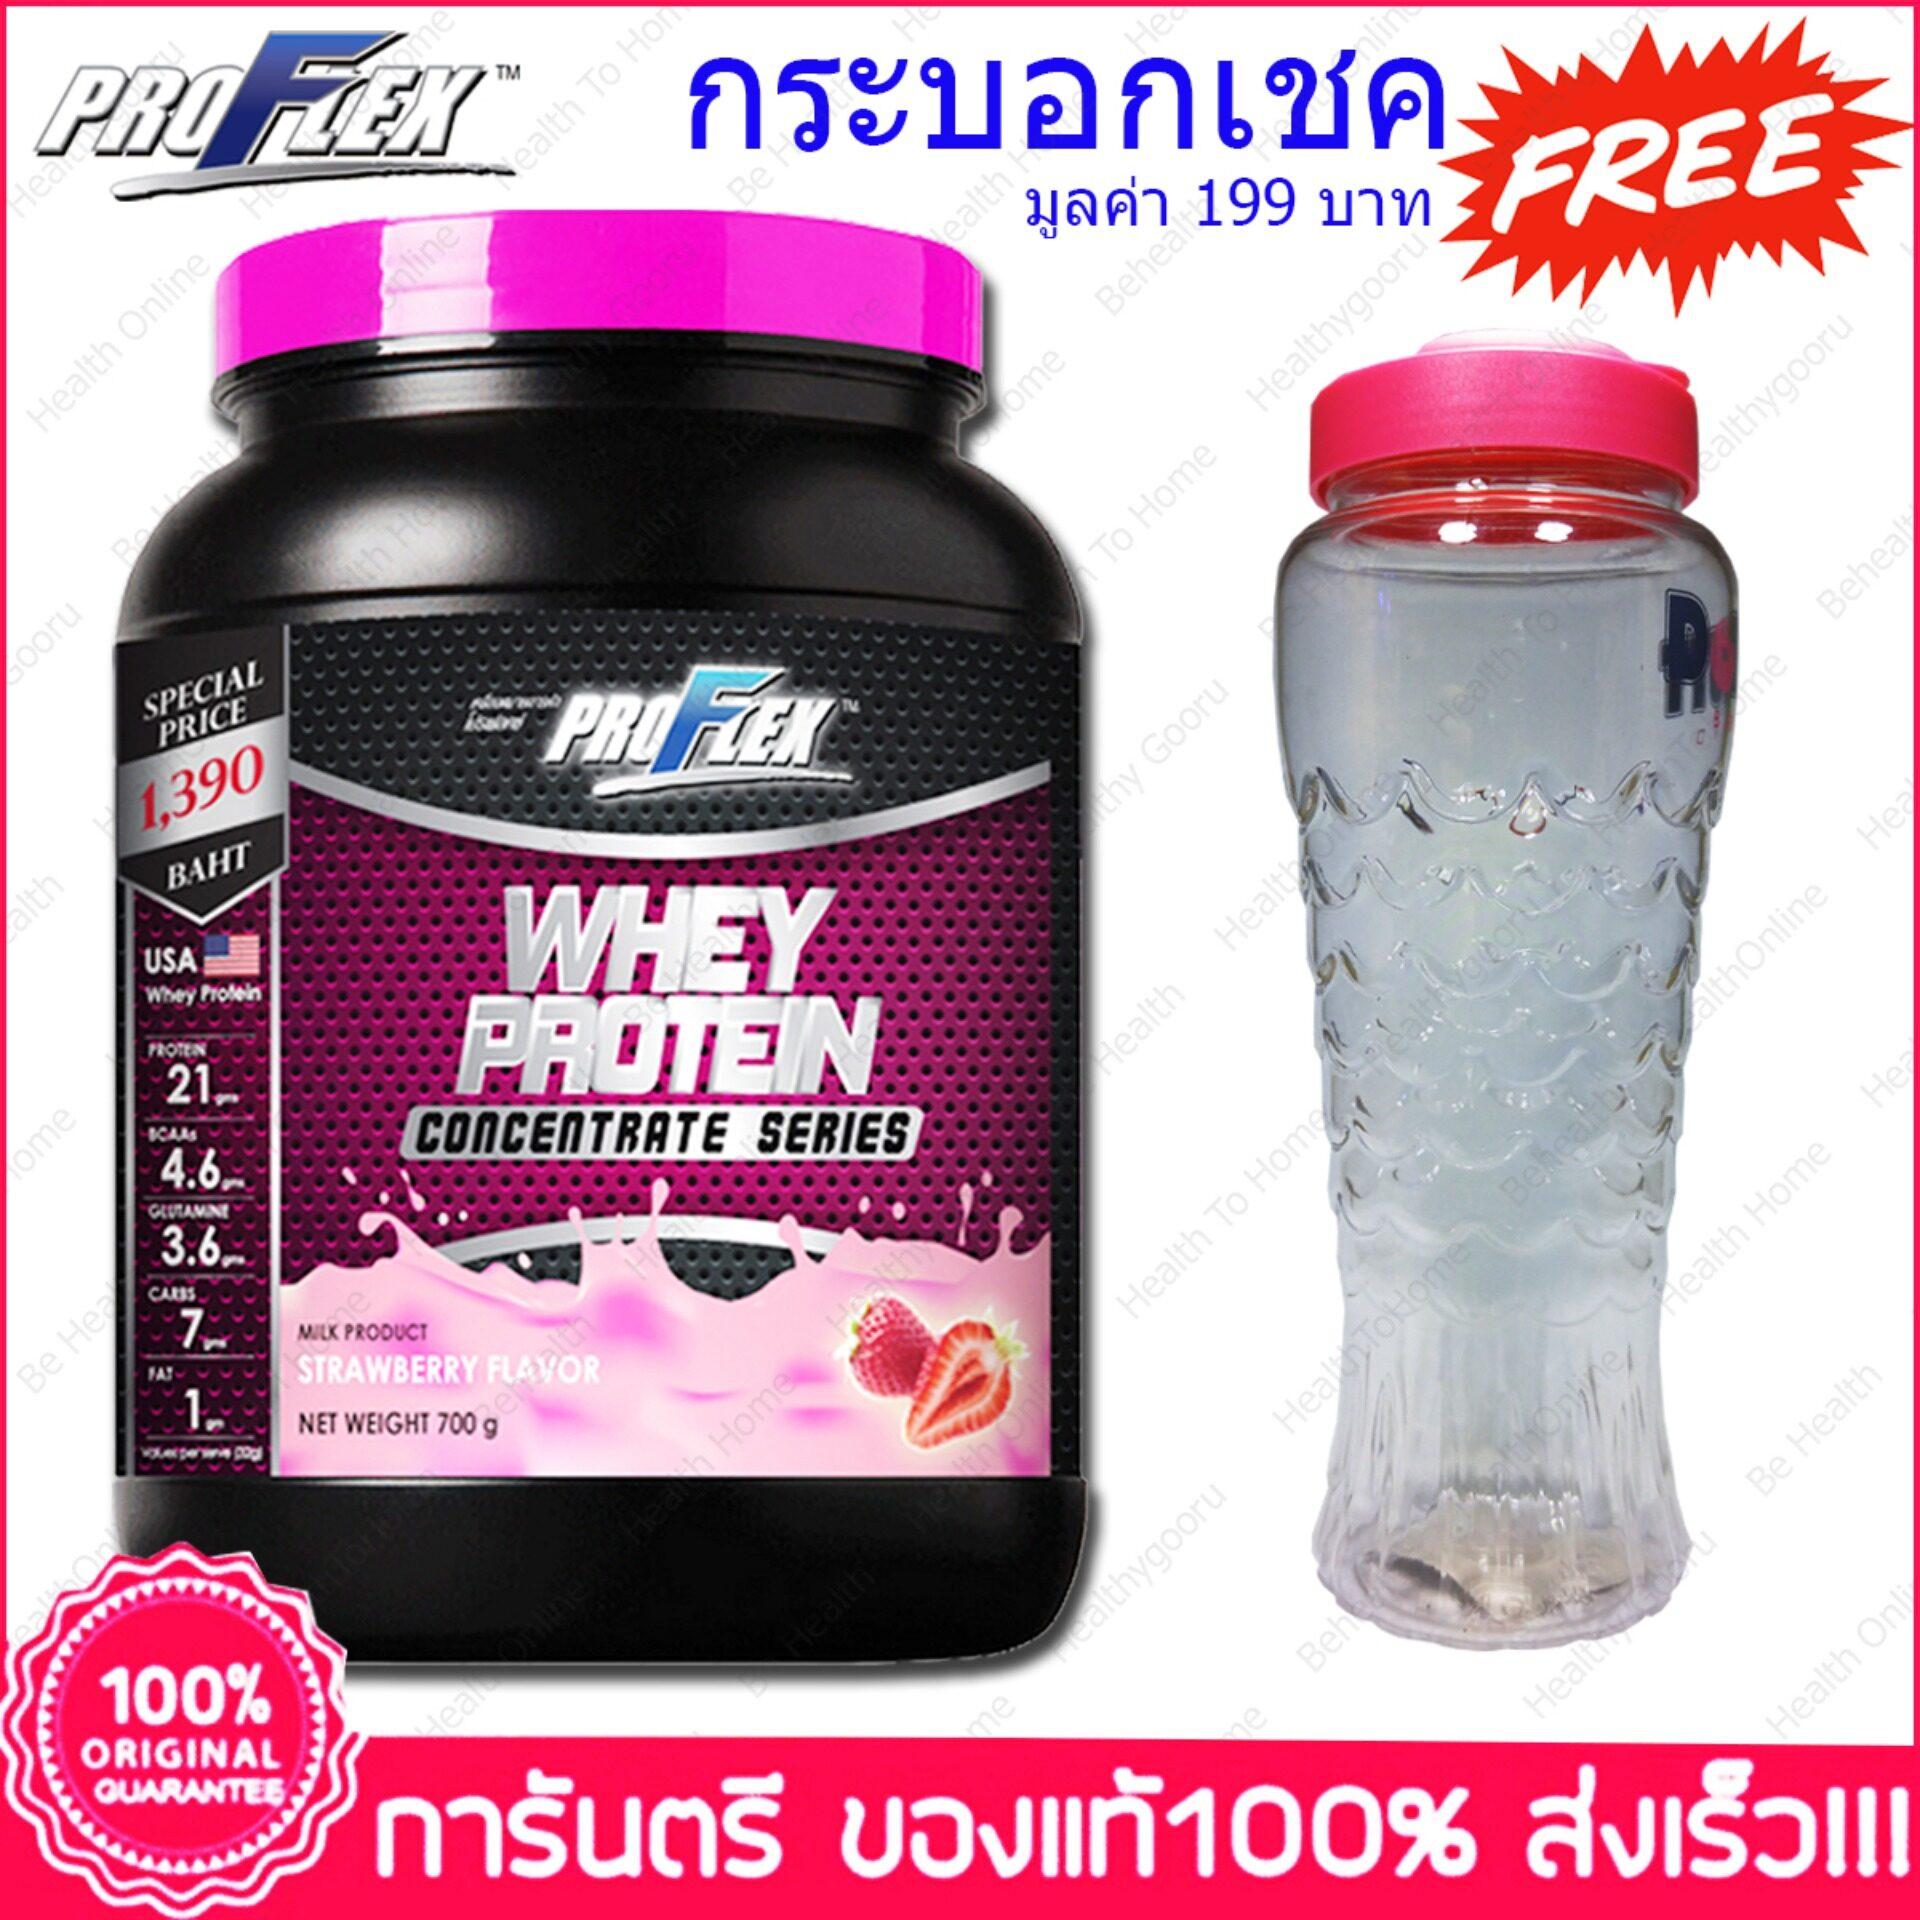 โปรเฟล็กซ์ เวย์ โปรตีน คอนเซนเทรต สตรอเบอรรี่ เพิ่มกล้ามเนื้อ ช่วยลดน้ำหนัก Proflex Whey Protein Concentrate Strawberry 700 g. X 1 กระป๋อง(Bottles) Free กระบอกเชค(Shaker) 199 Bath